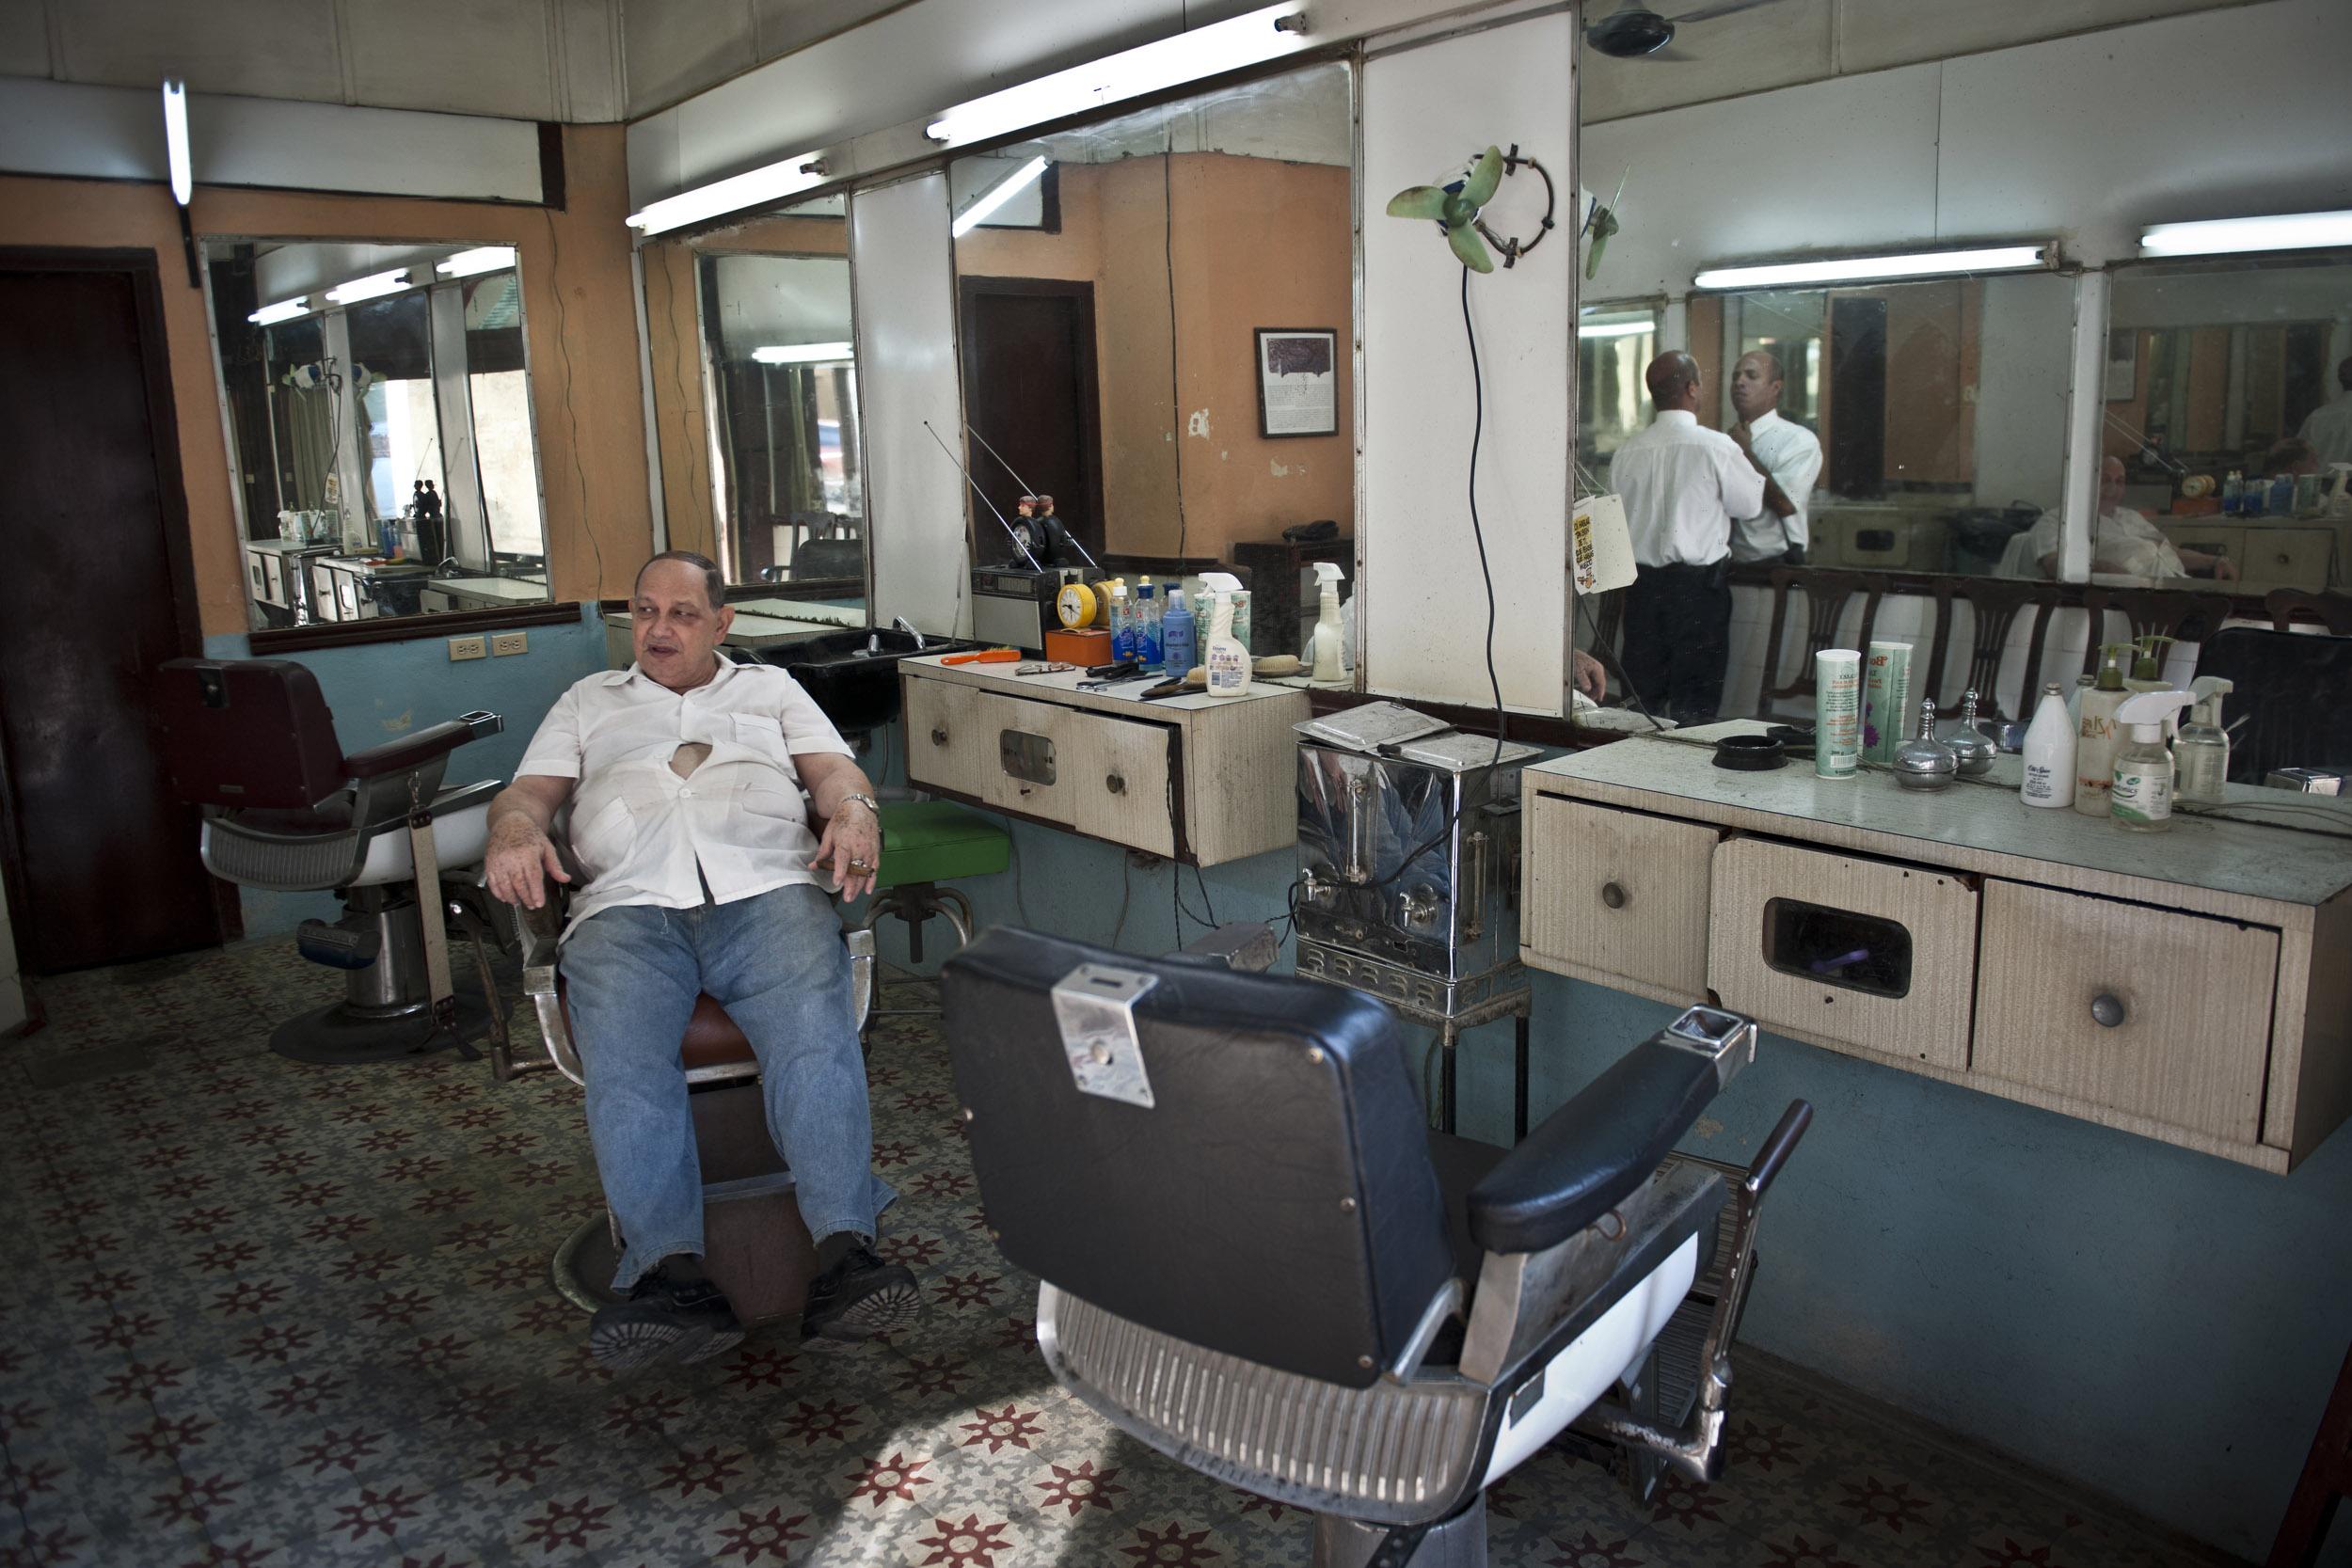 Barbería 2 - Cuba - Hector Garrido, Aerial and human photography